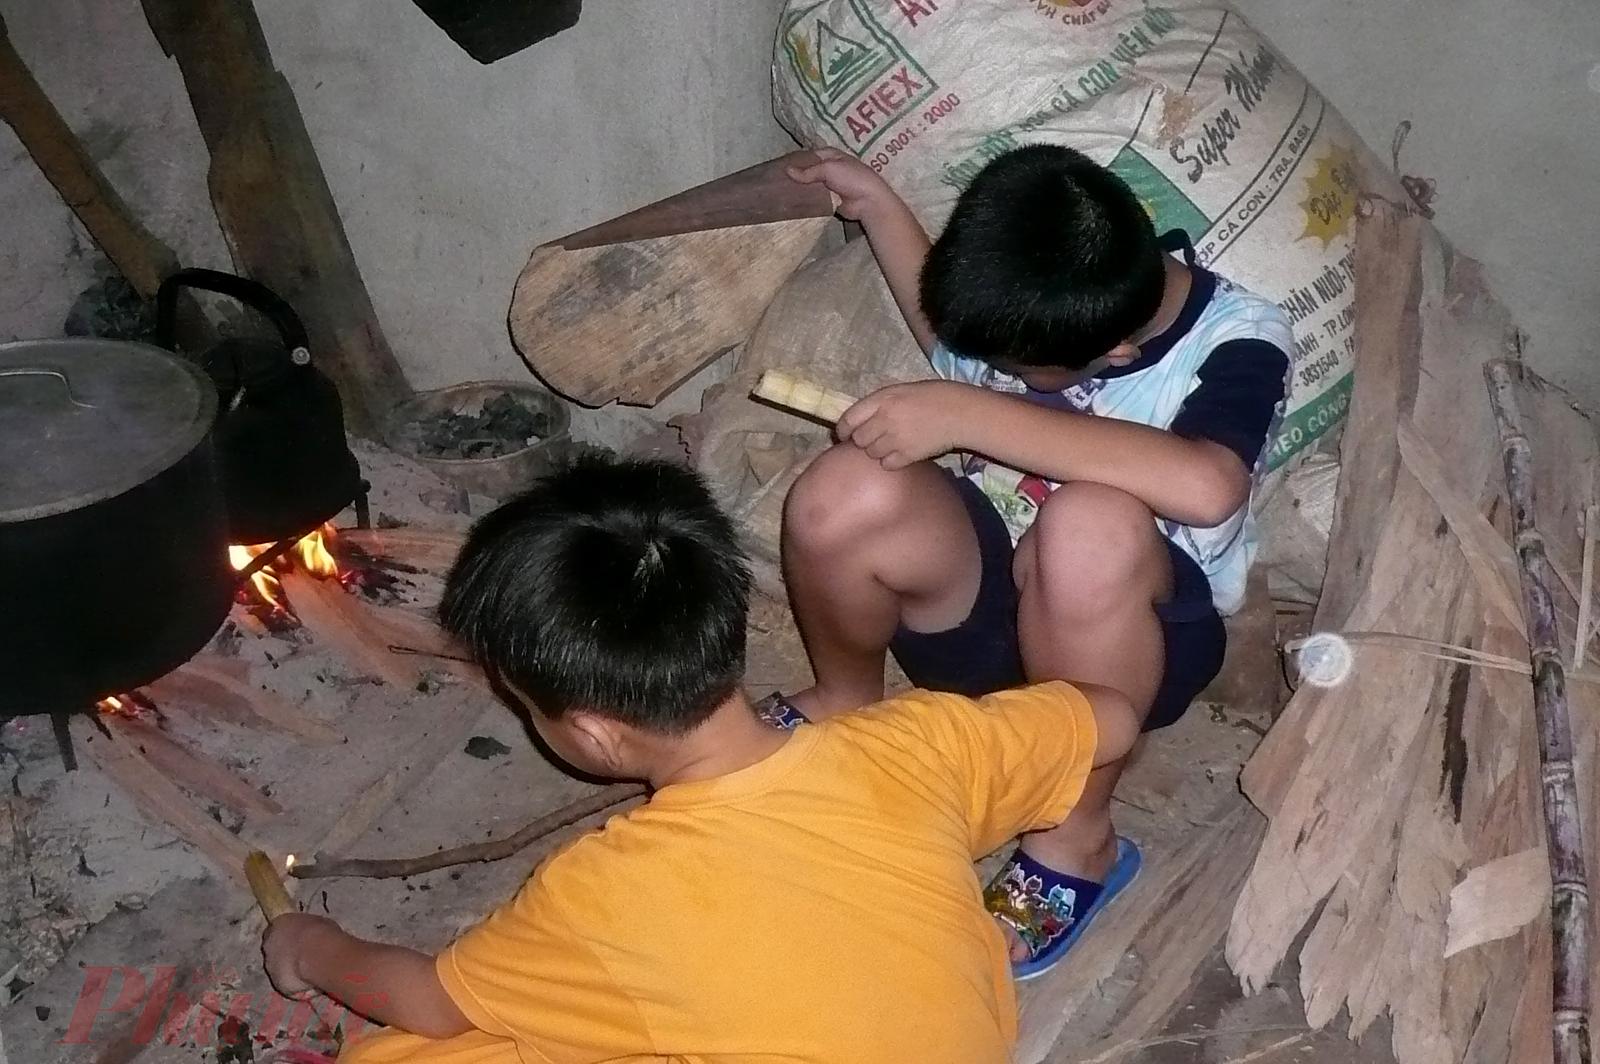 Được ngắm đàn heo con, được đun bếp bằng củi khô... cũng là những trải nghiệm khó quên với những đứa trẻ ở phố